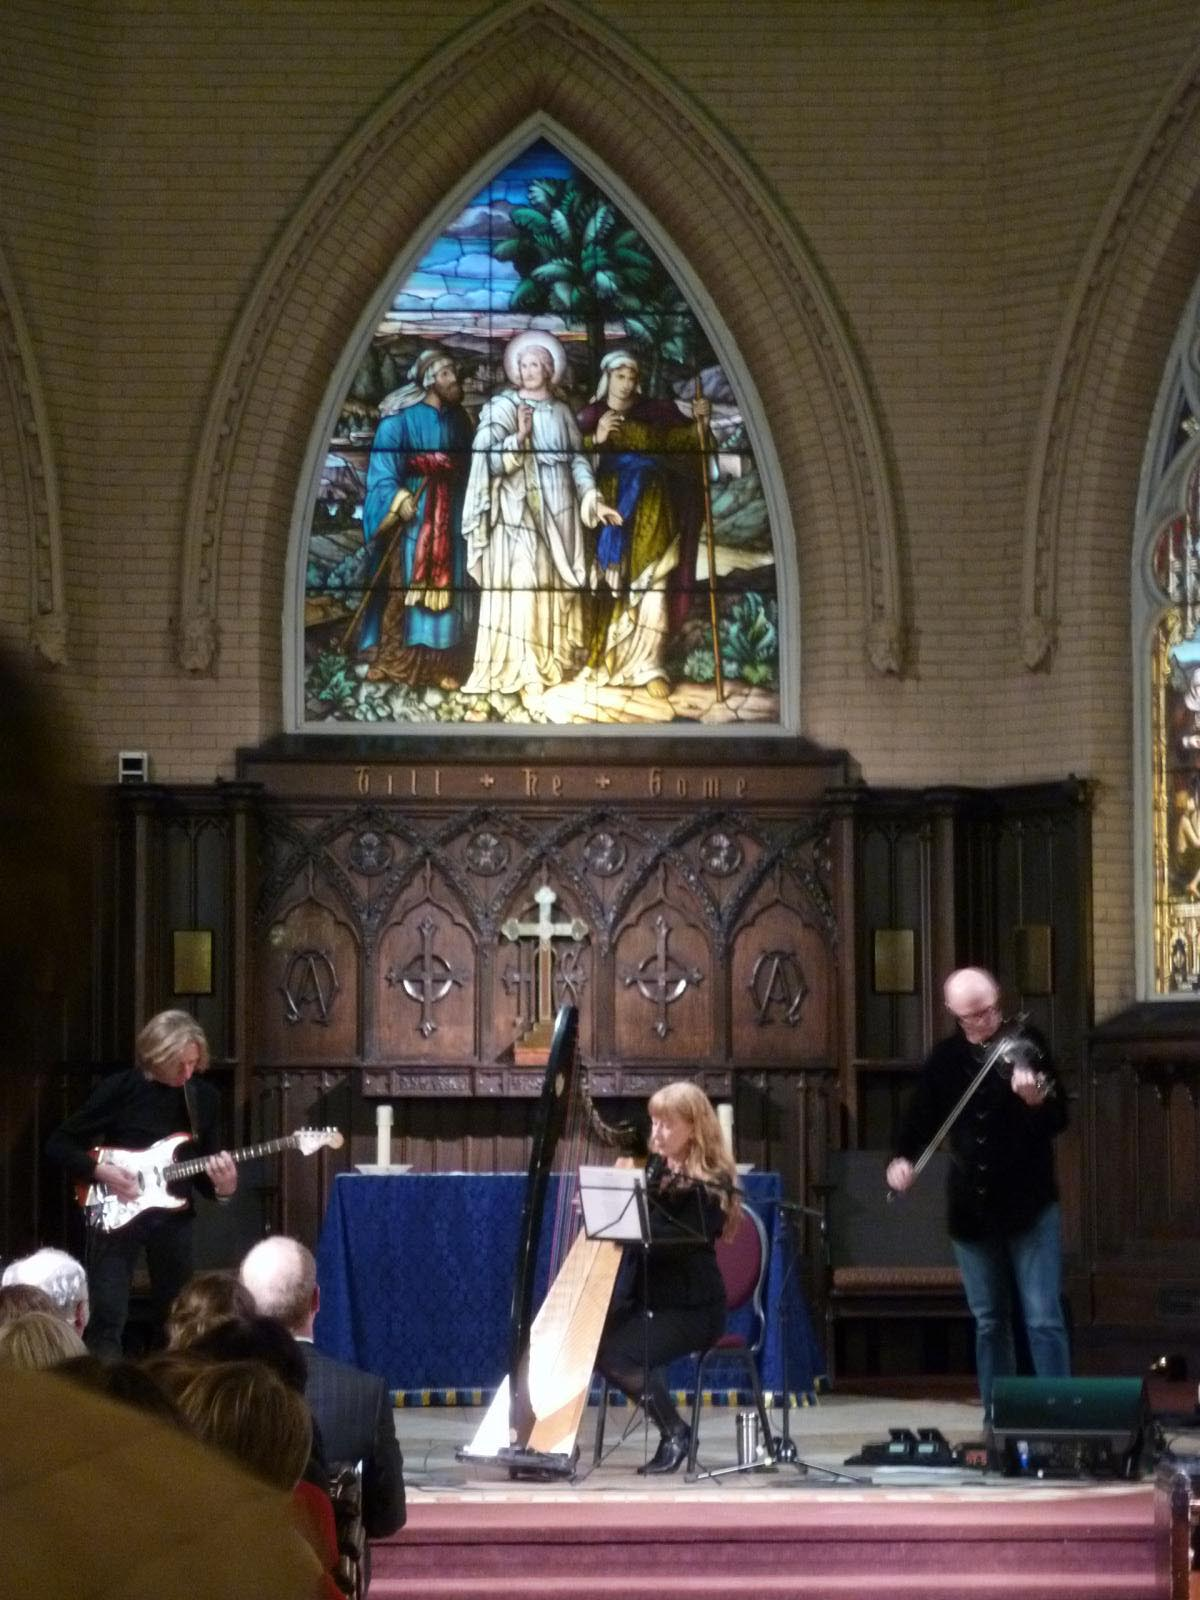 Loreena Mckennitt the church ile ilgili görsel sonucu